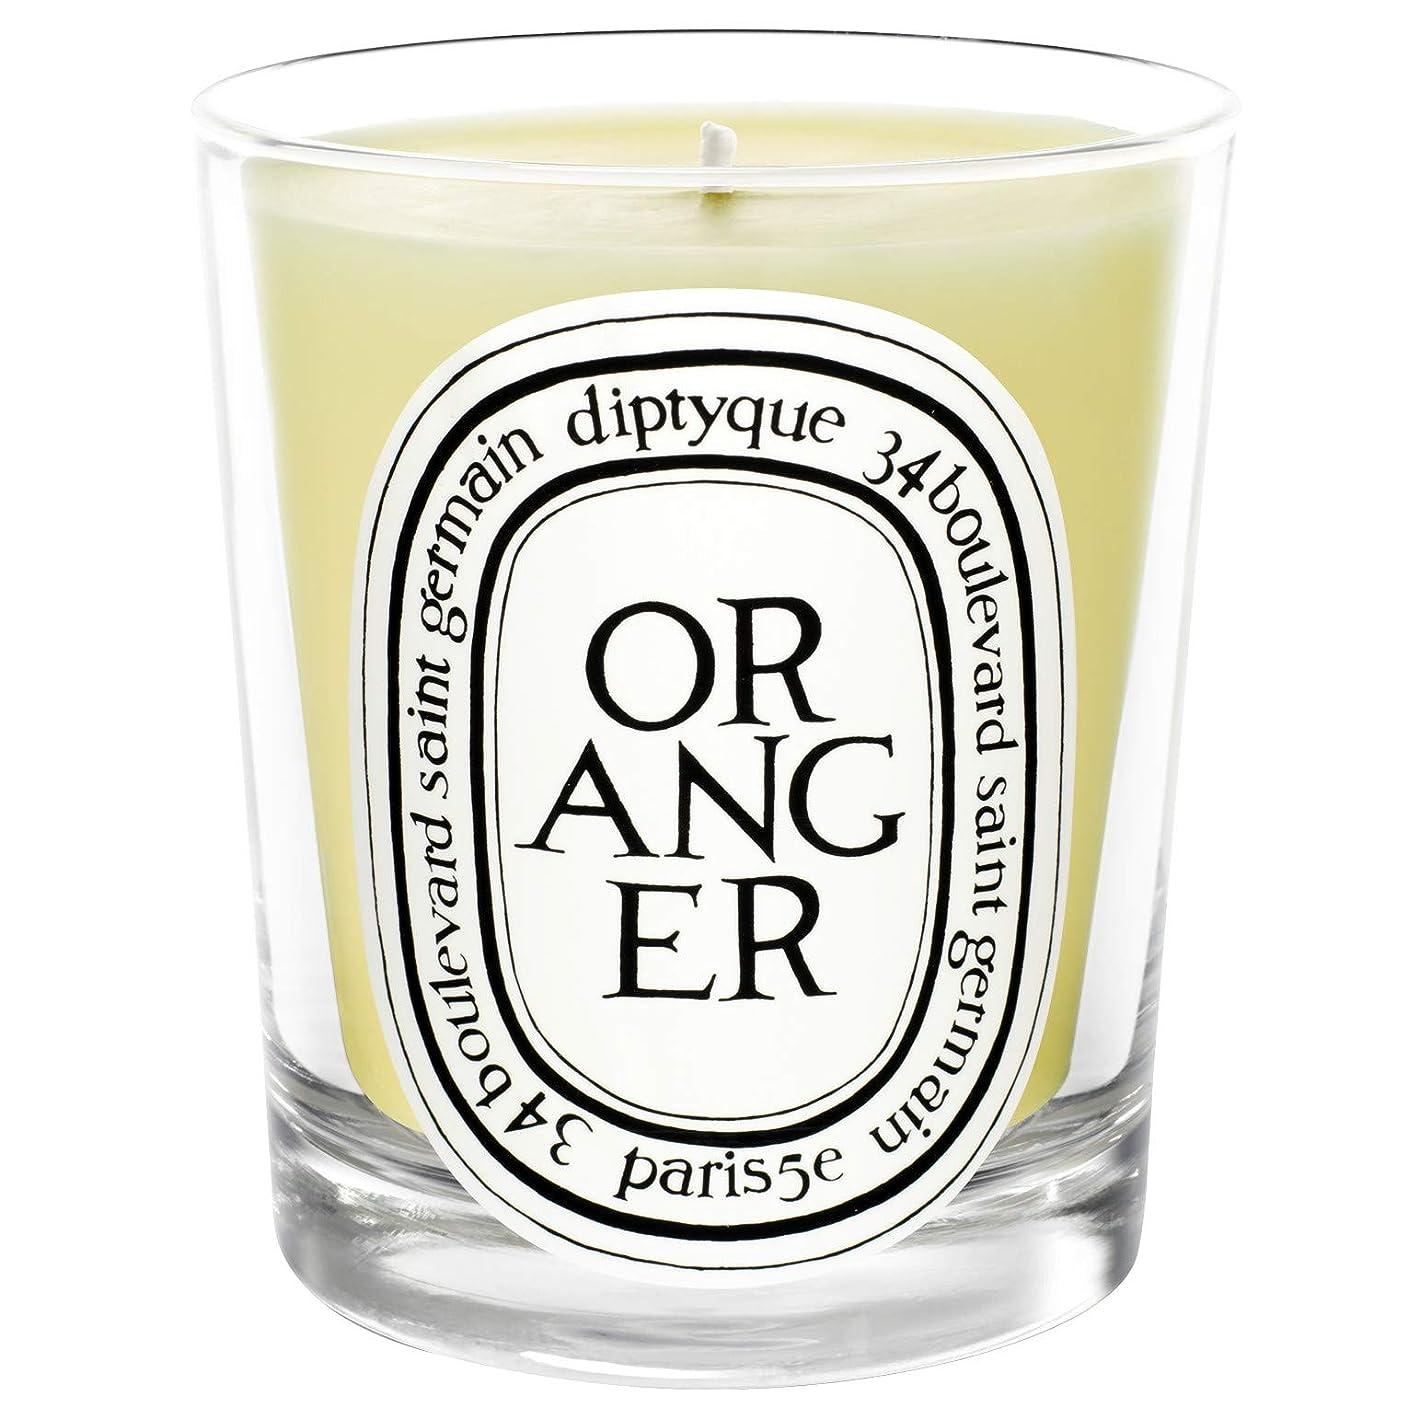 ずらす鎮静剤政治的[Diptyque] Diptyqueのオランジェ香りのキャンドル190グラム - Diptyque Oranger Scented Candle 190g [並行輸入品]